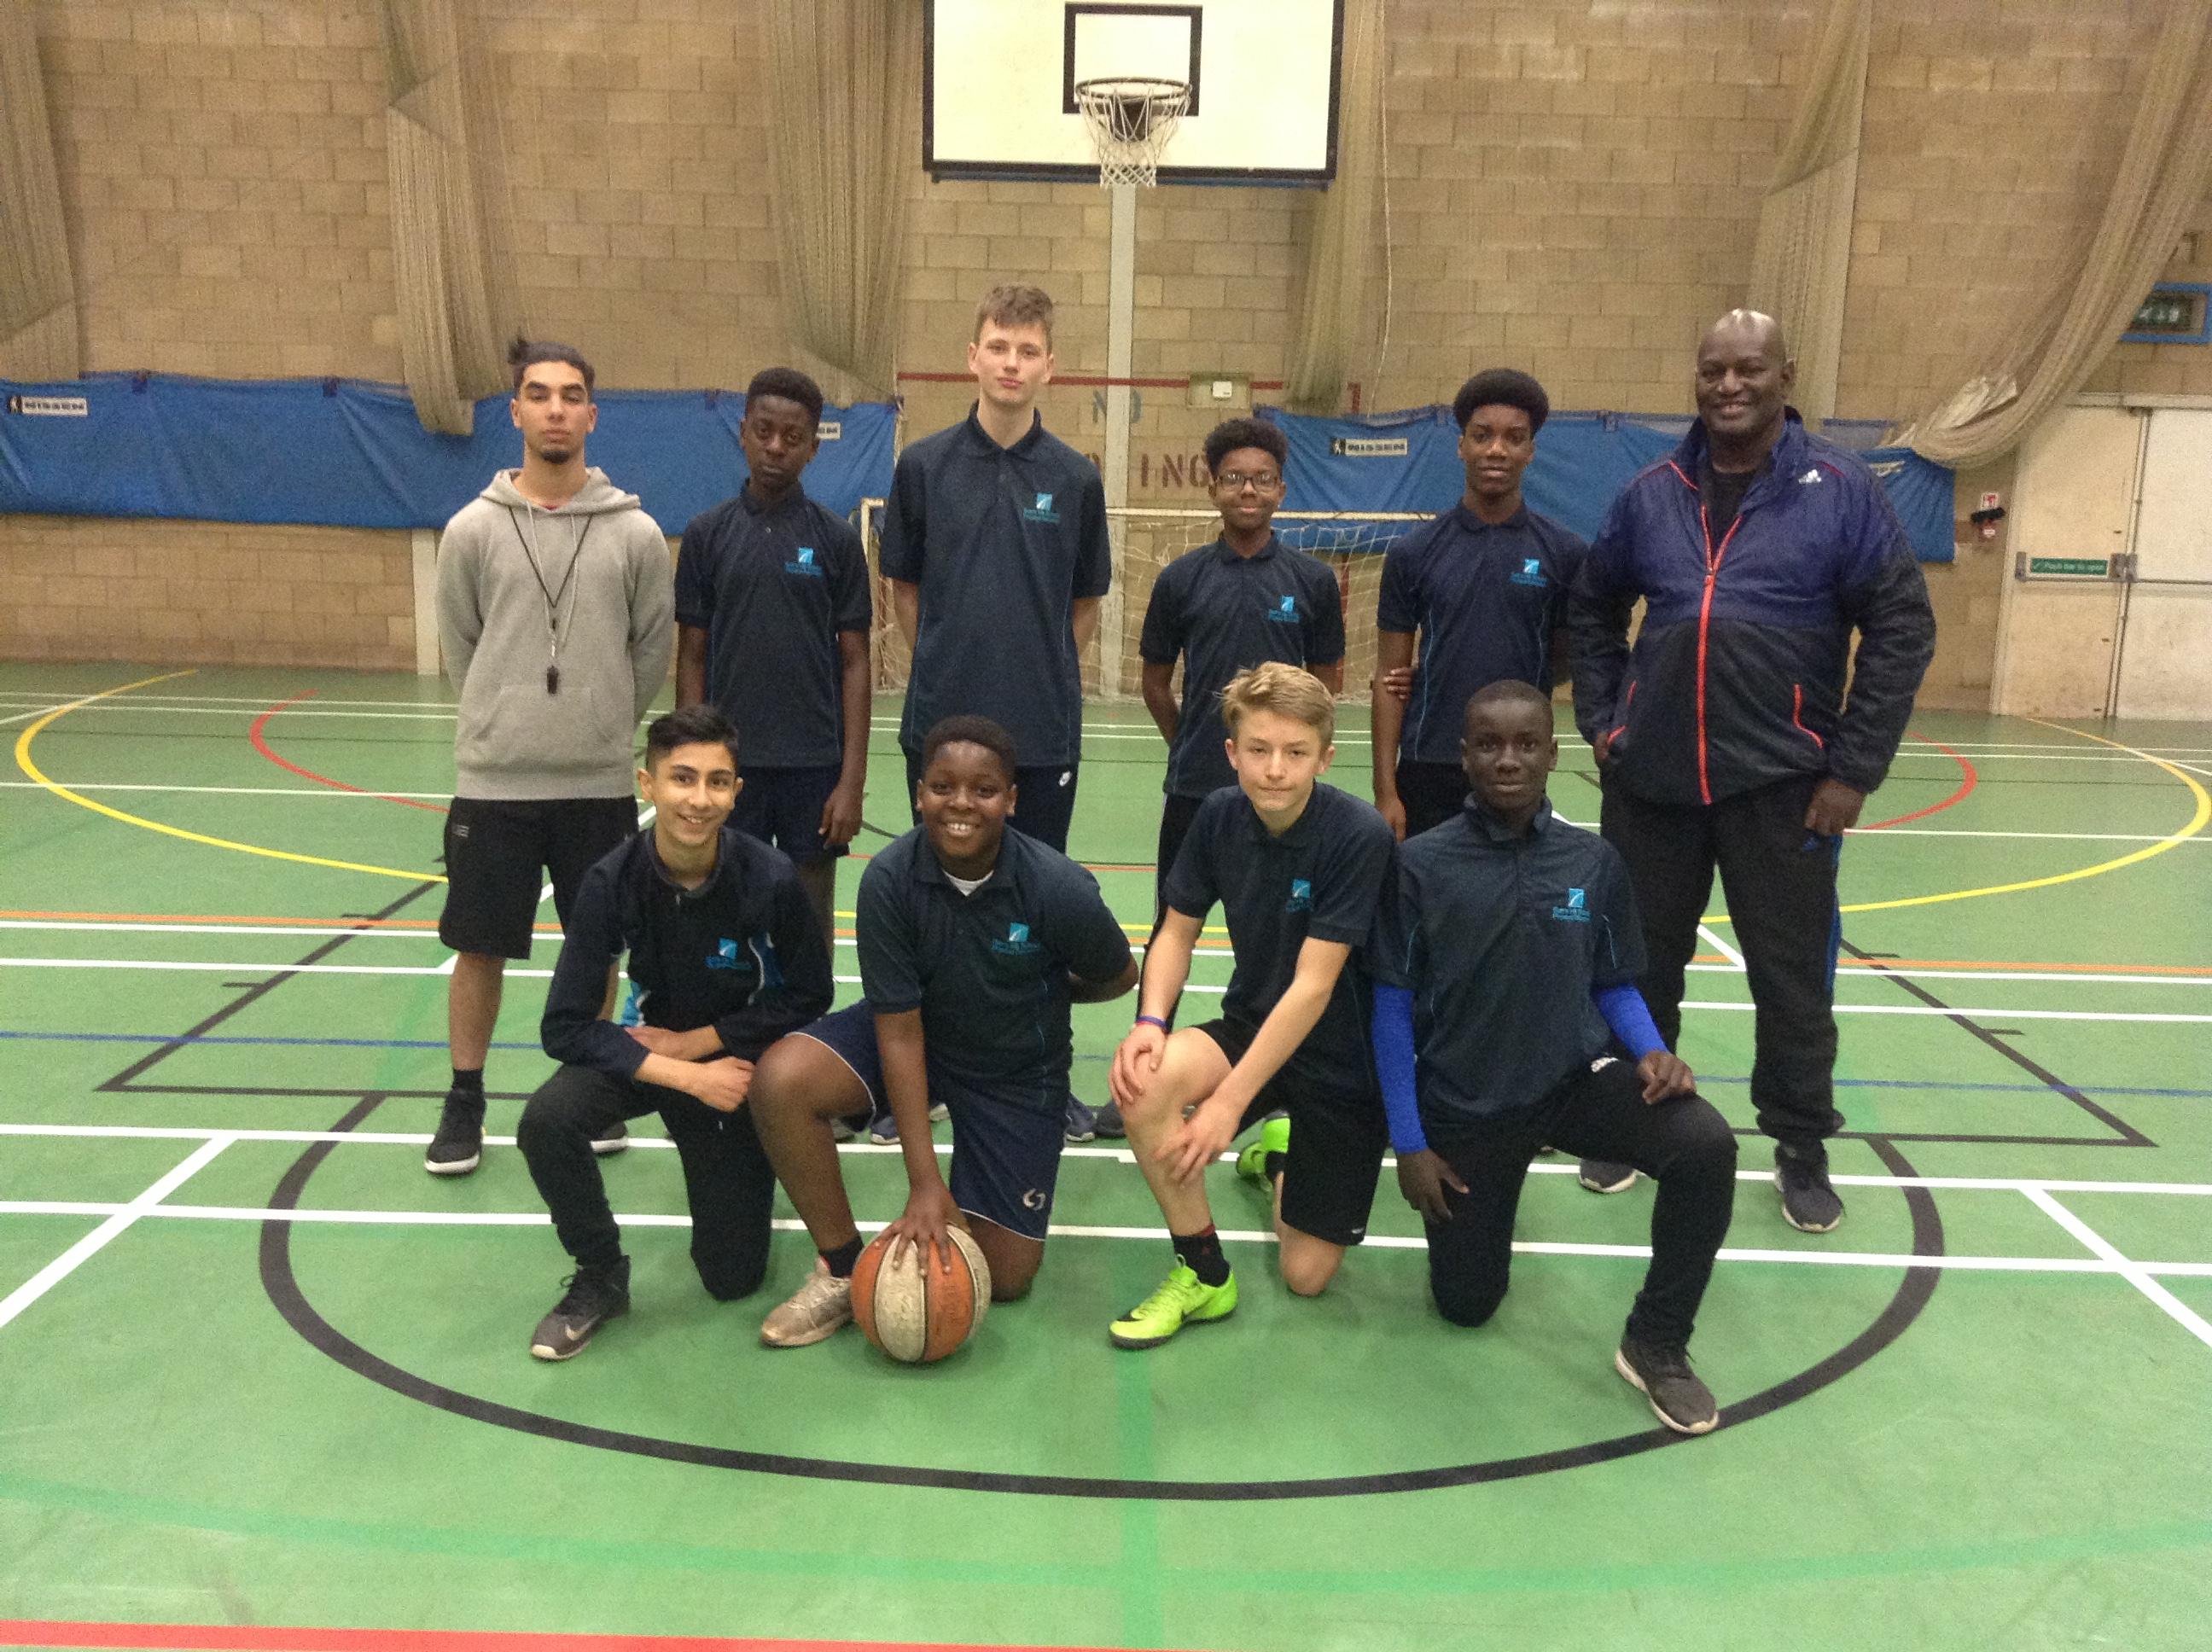 KS3 Boys Basketball Team win 14-6 against Stoke Park